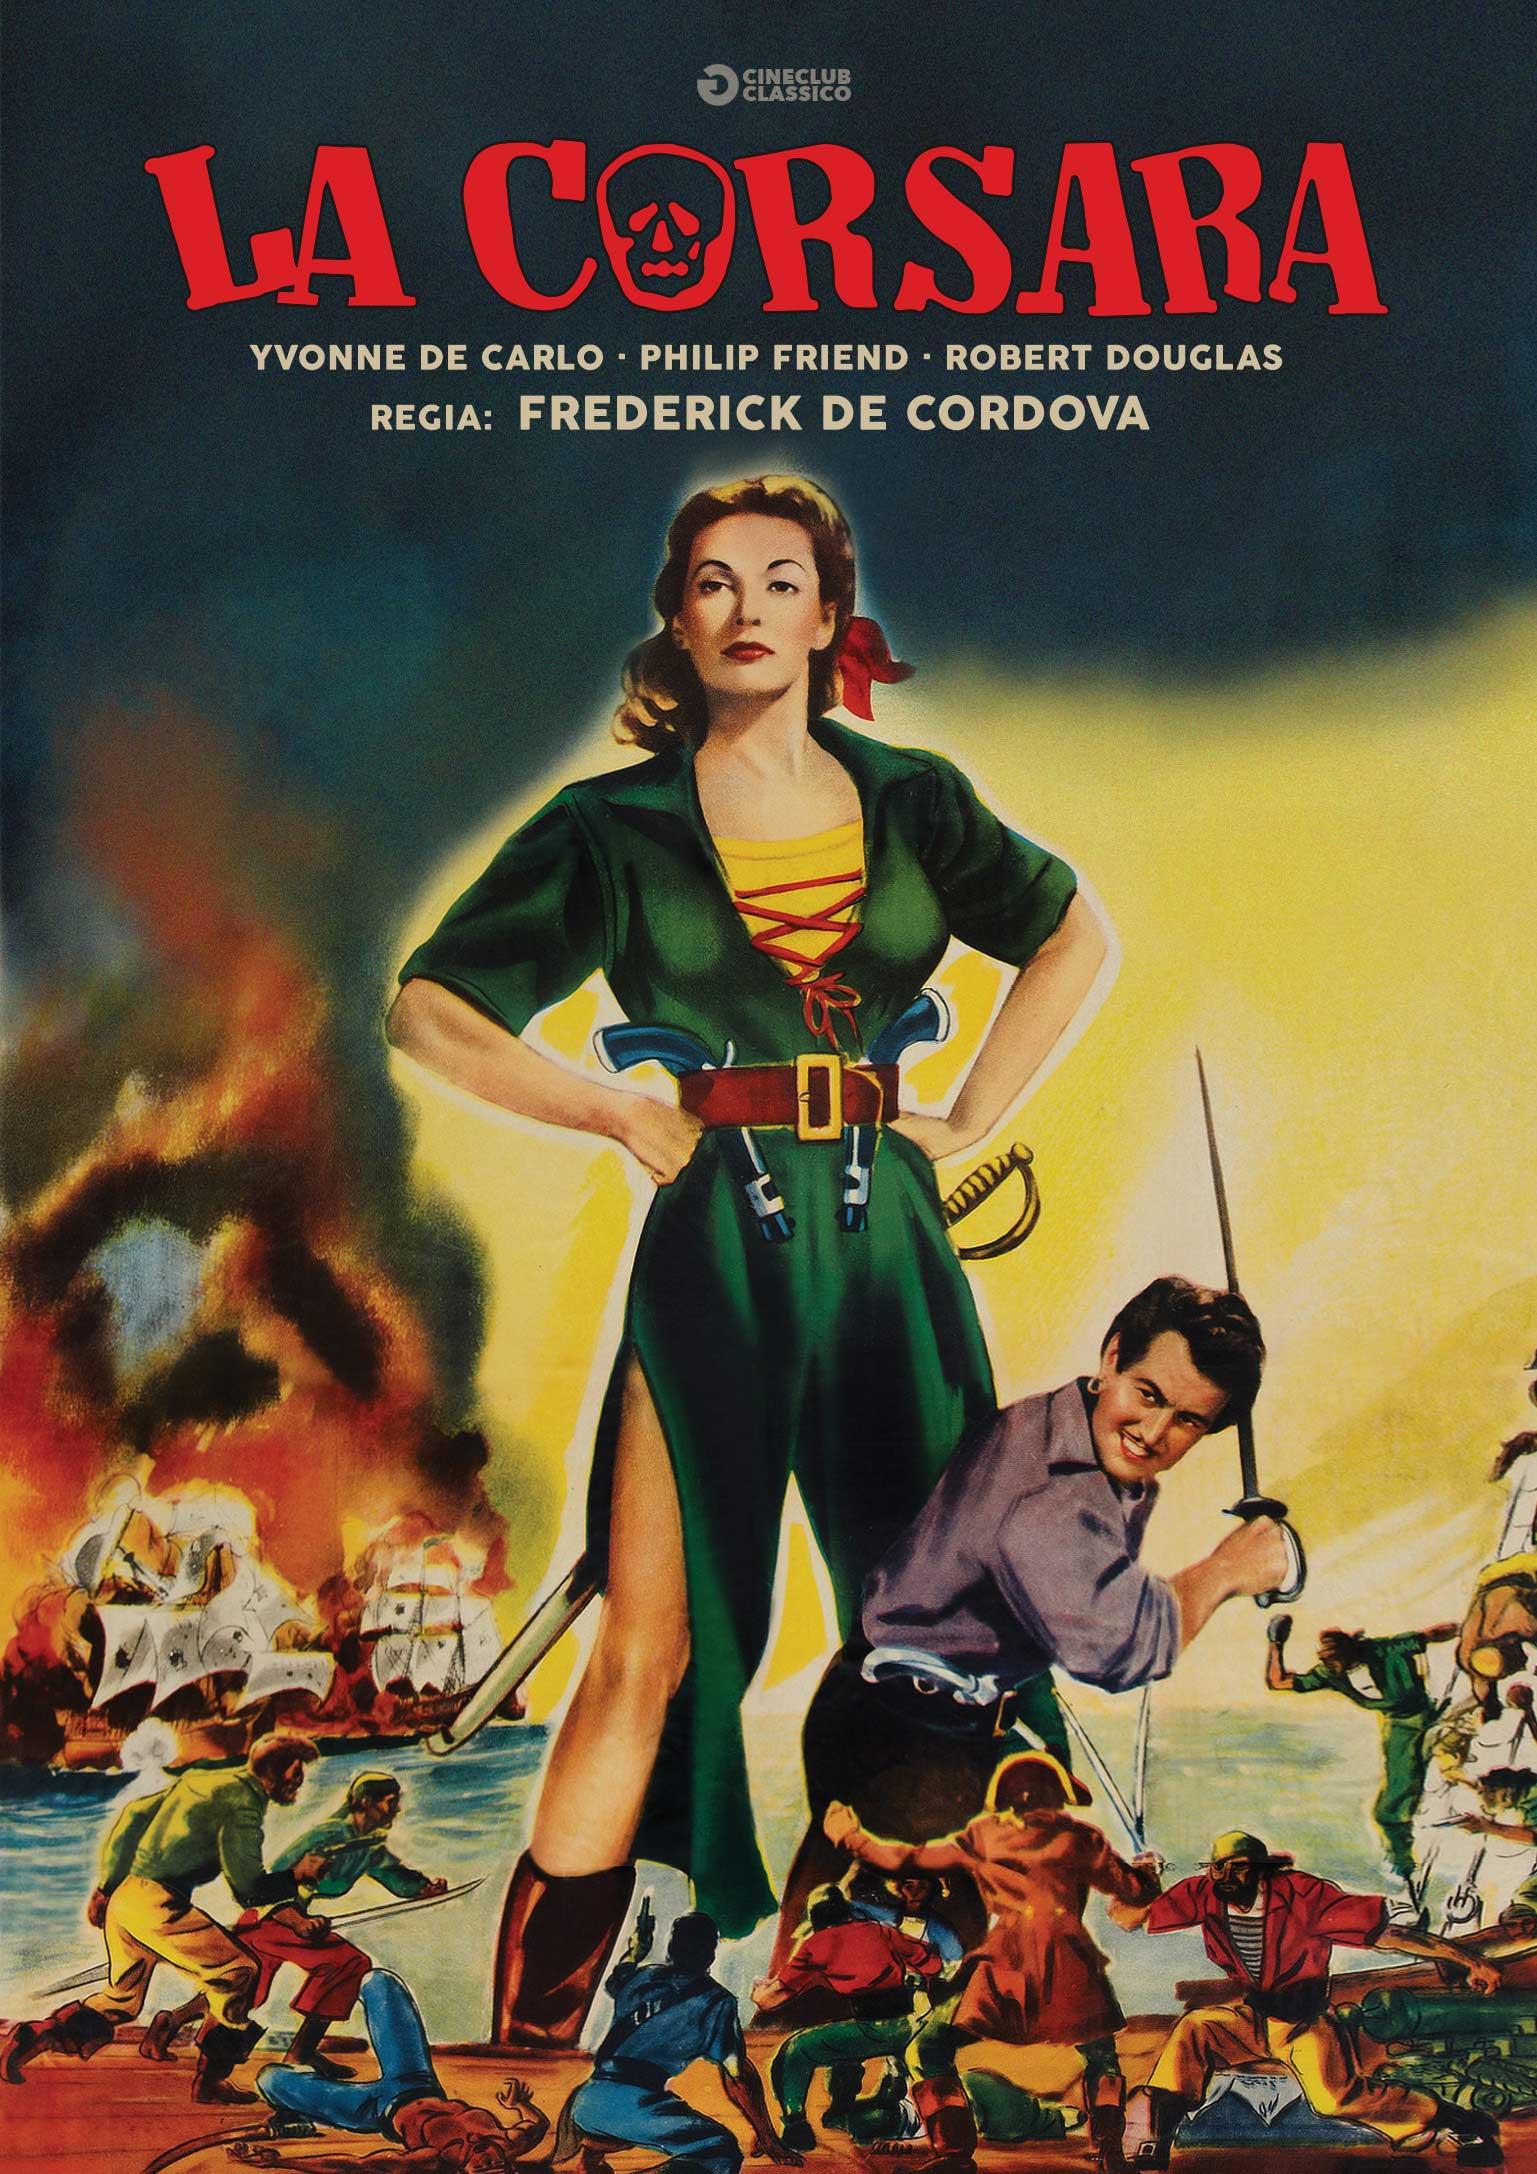 LA CORSARA (DVD)